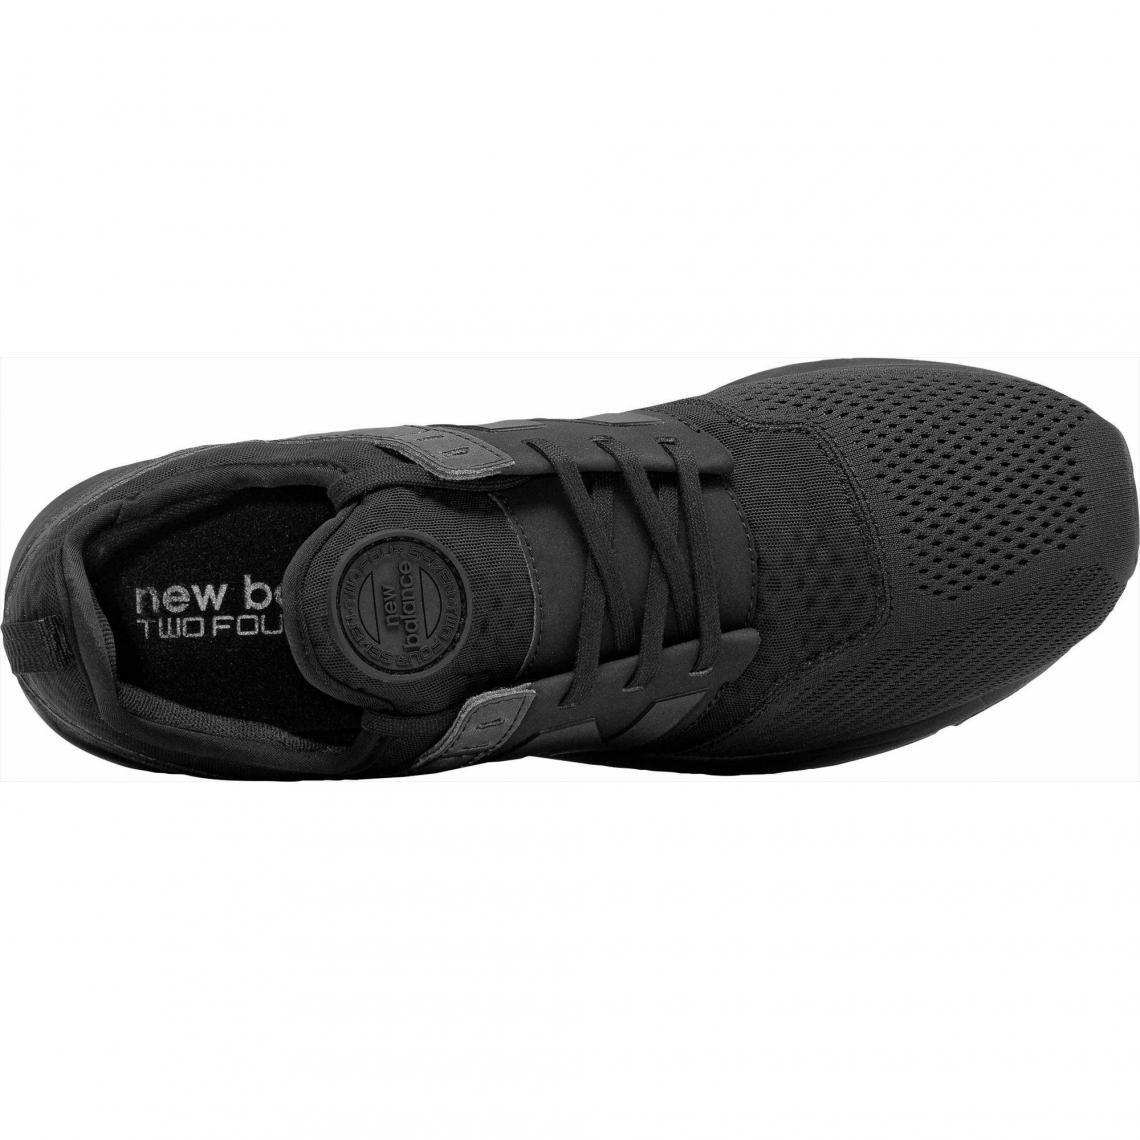 Mrl247 3suisses Balance Chaussures De Noir New Running Homme HwvqOS